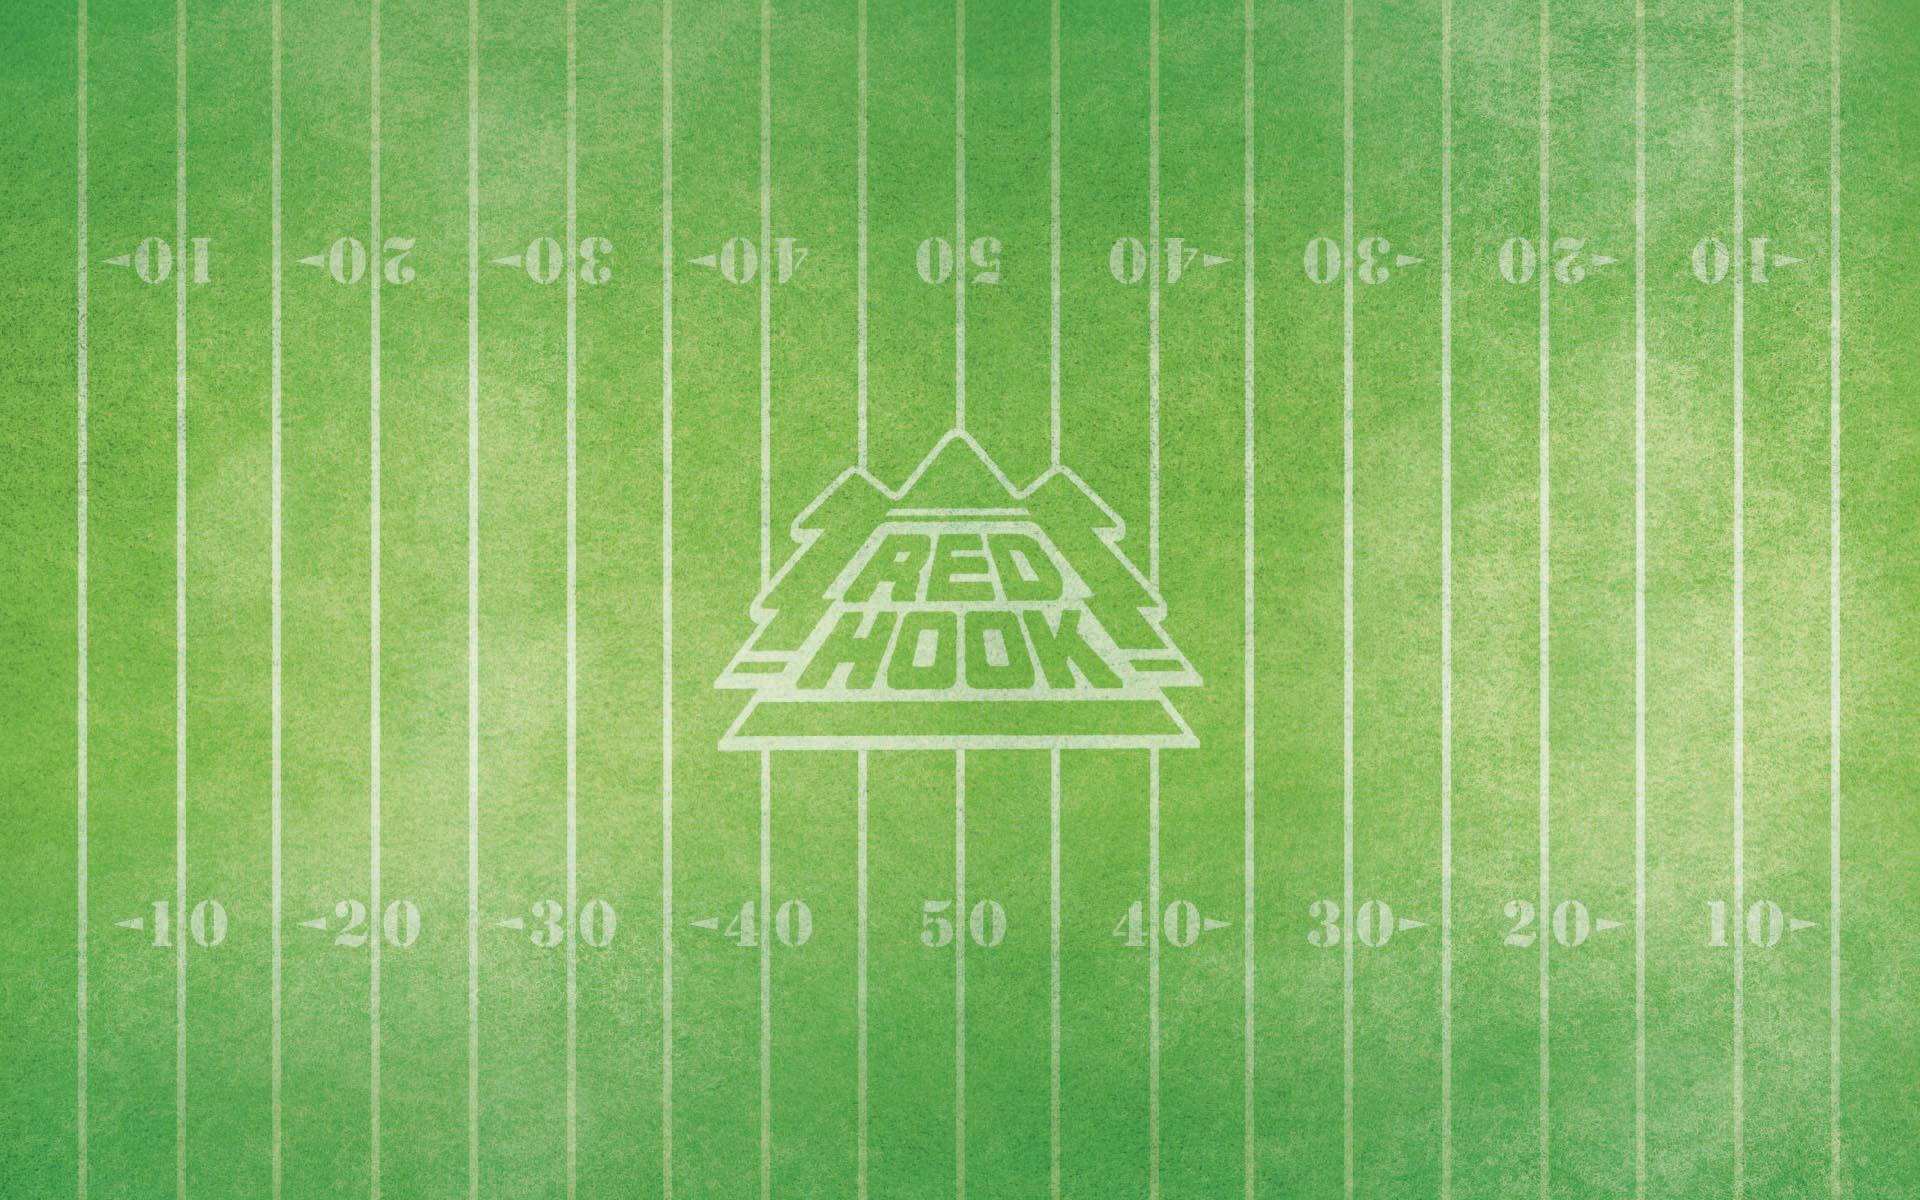 Nfl Football Field wallpaper   190061 1920x1200